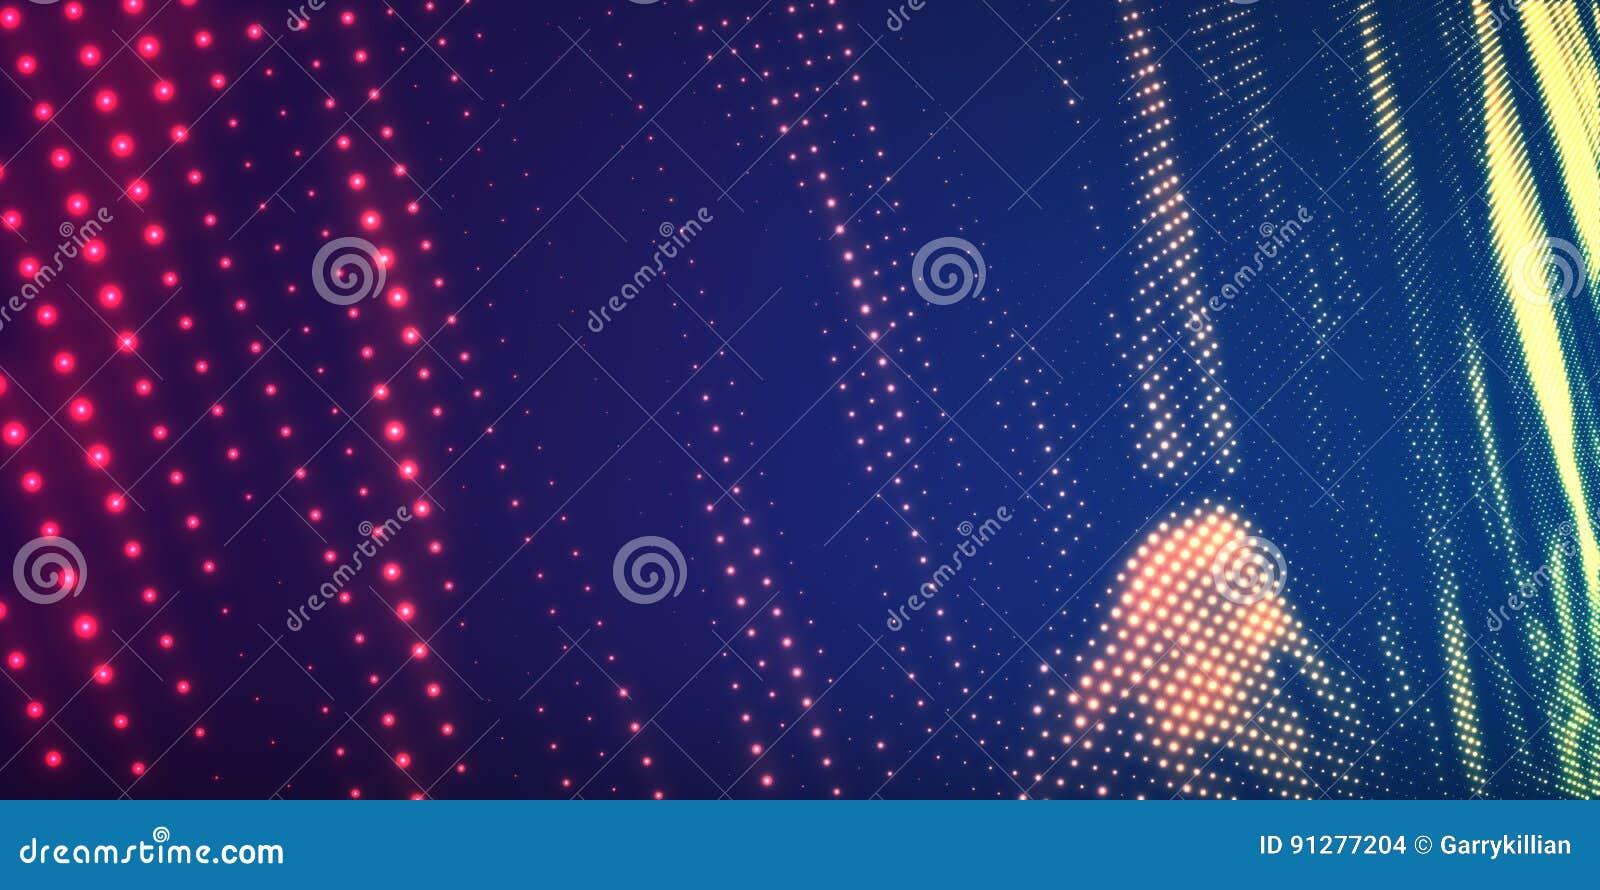 Abstrakt vektorbakgrund med glänsande neonljus Neontecken med abstrakt bild i perspektiv glödande partiklar